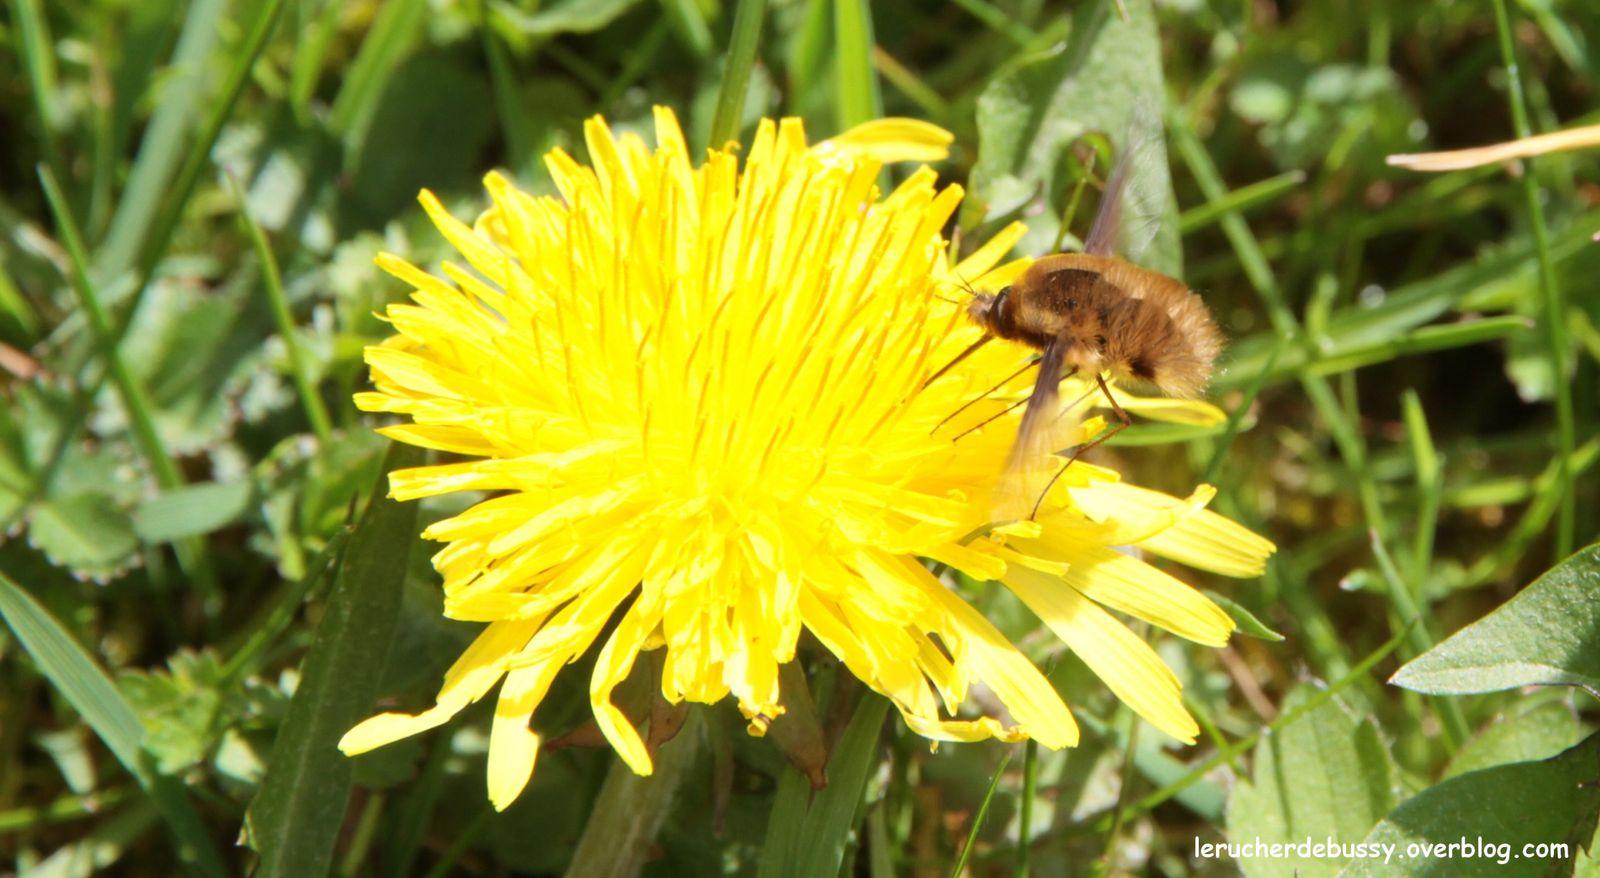 De haut en bas, une abeille domestique, une abeille sauvage, une drôle de petite bête (le bombyle) et enfin un syrphe (mouche guêpe).